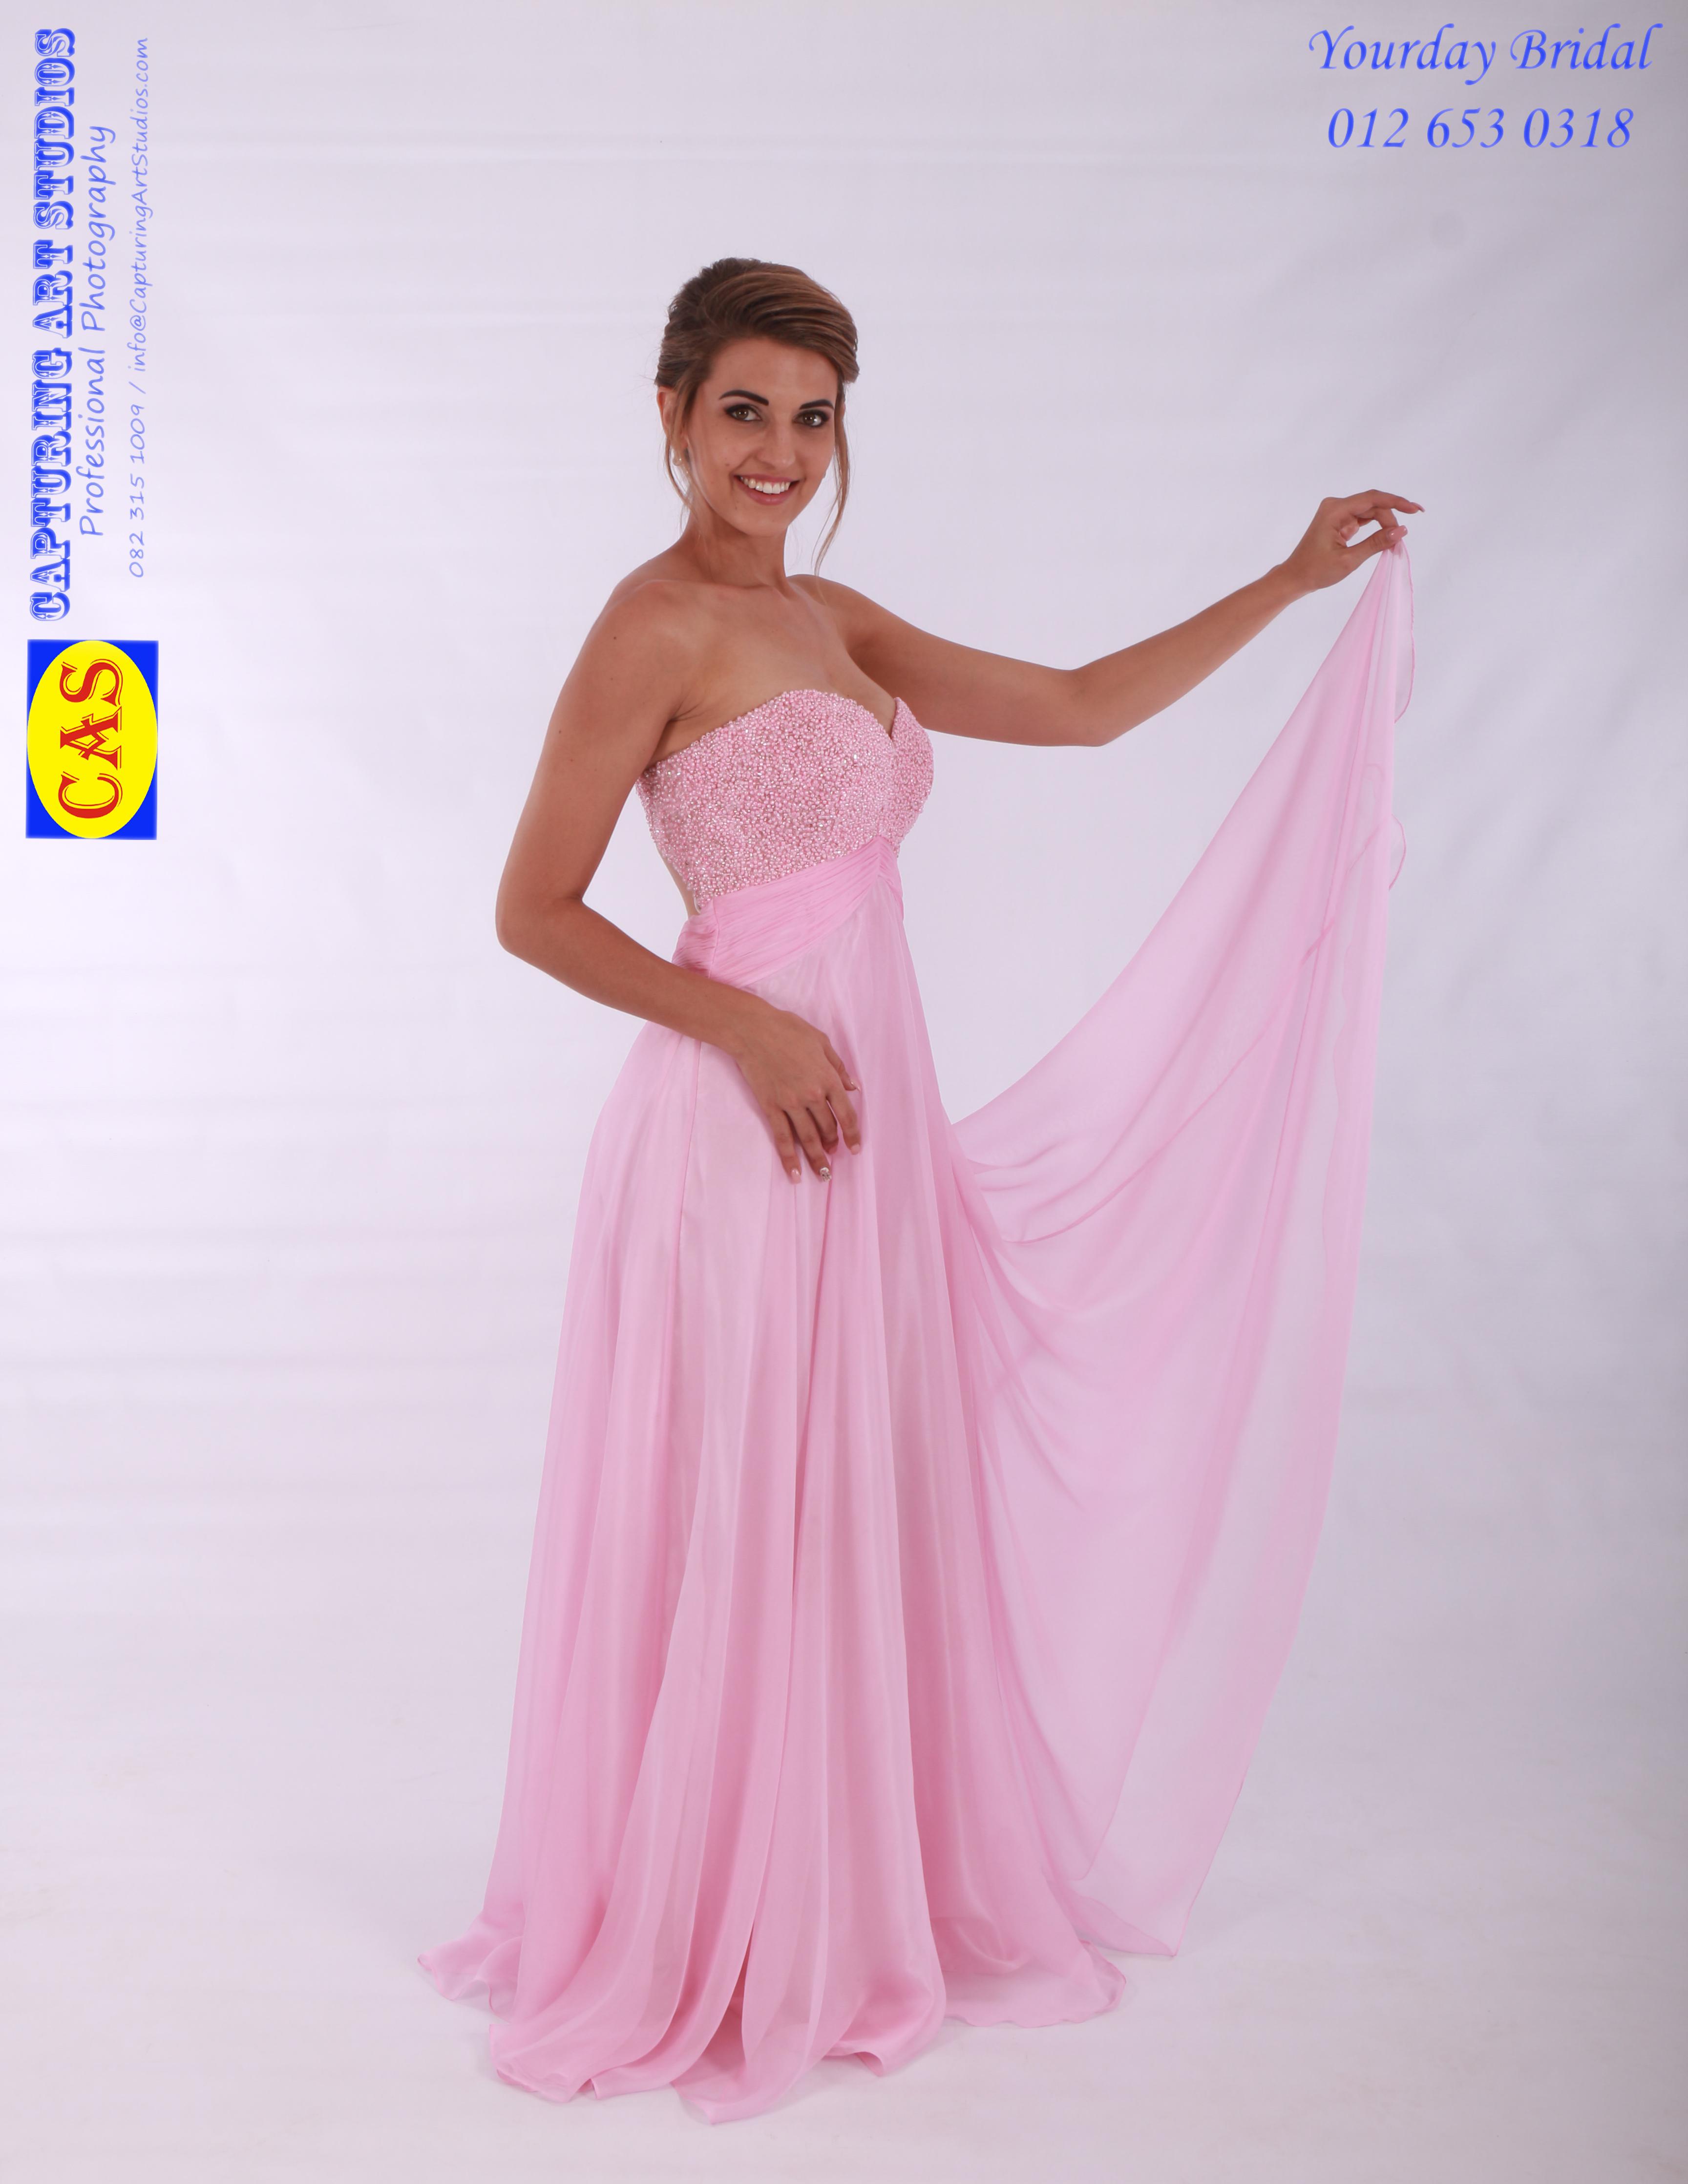 md59763-matric-farewelldance-dresses--matriekafskeidrokke-